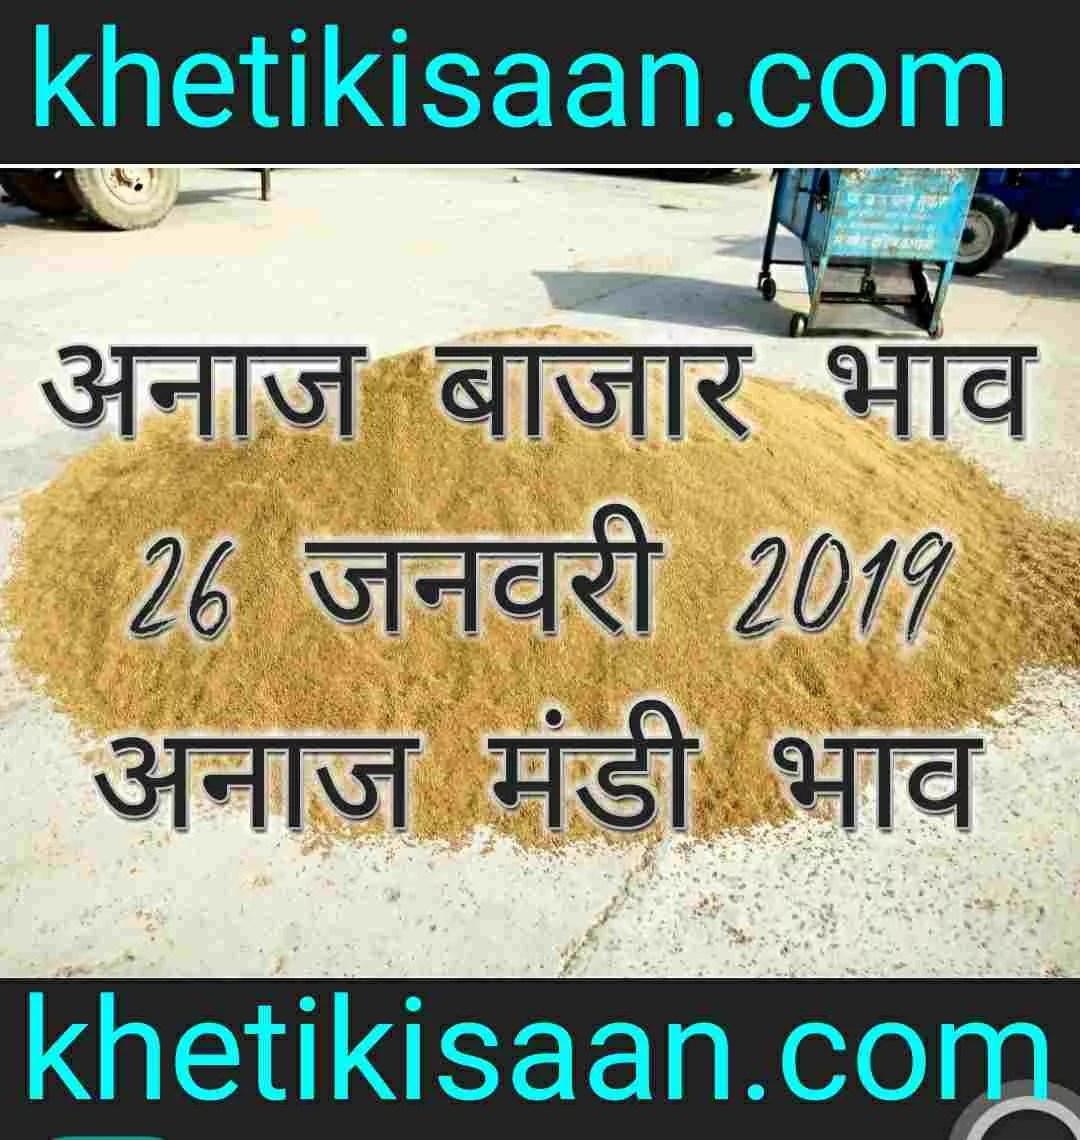 anaj-bazar-bhav-26-01-2019 , mandi bhav